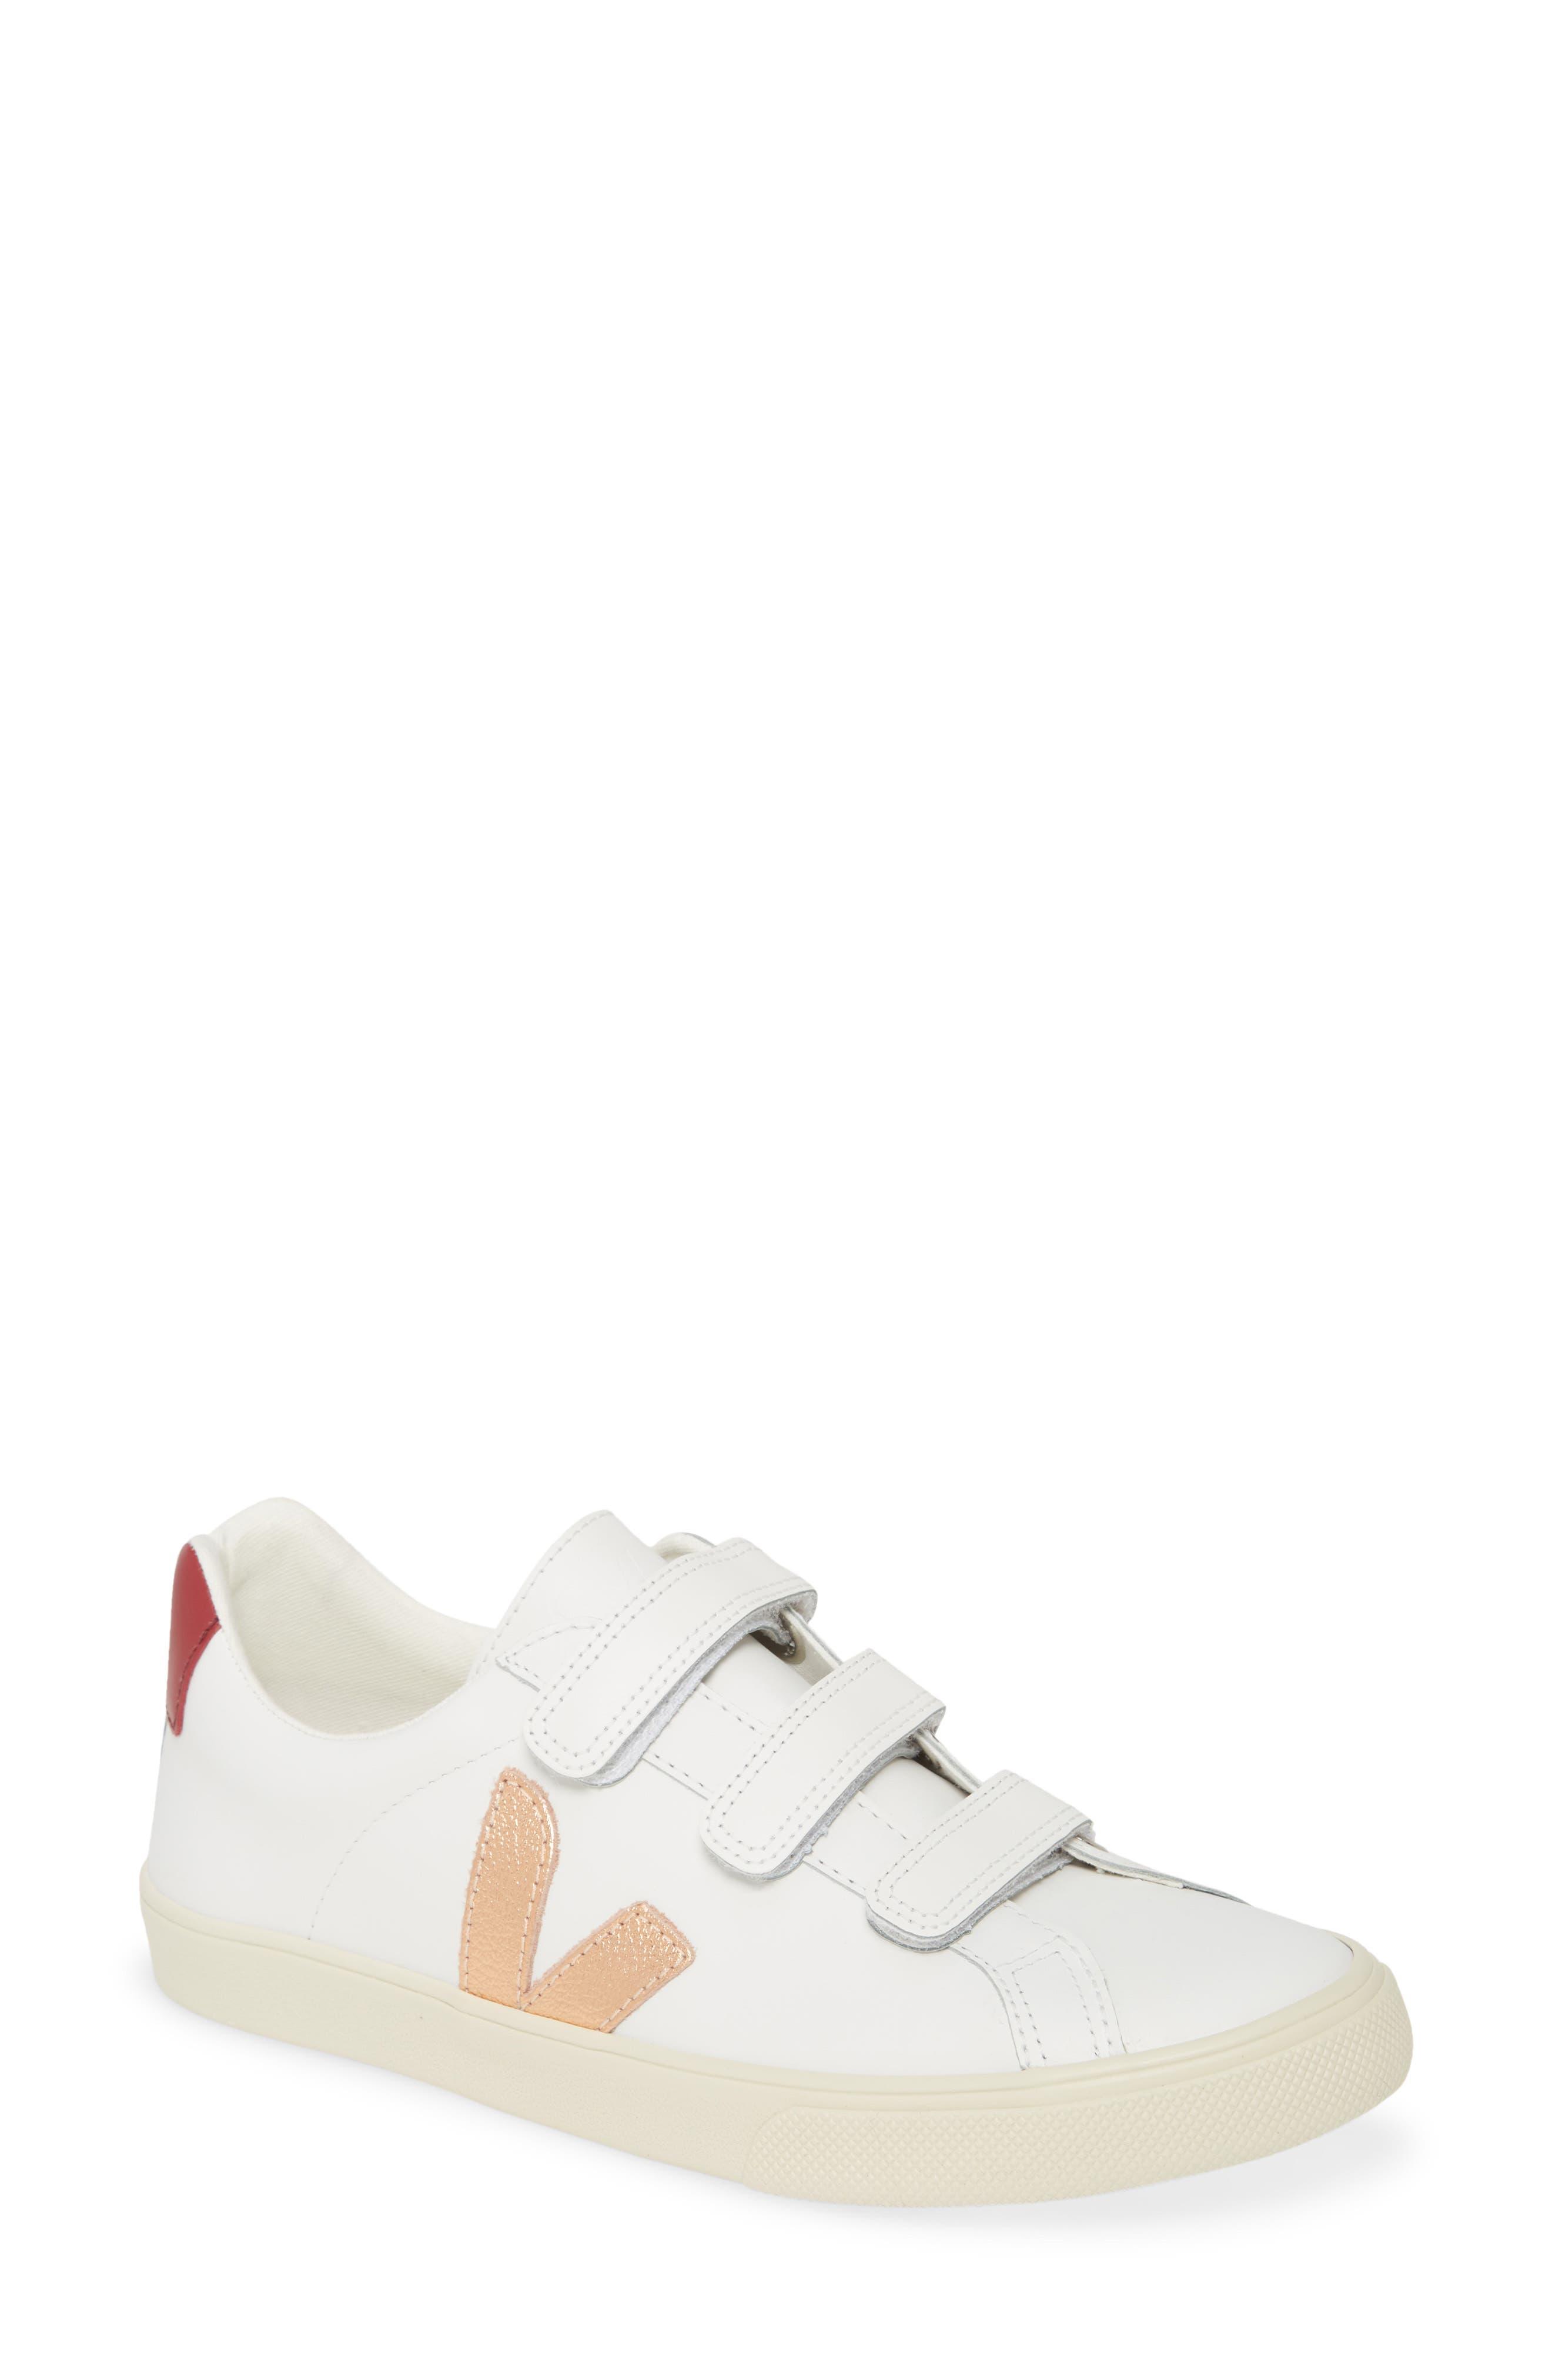 Women's Veja Shoes | Nordstrom